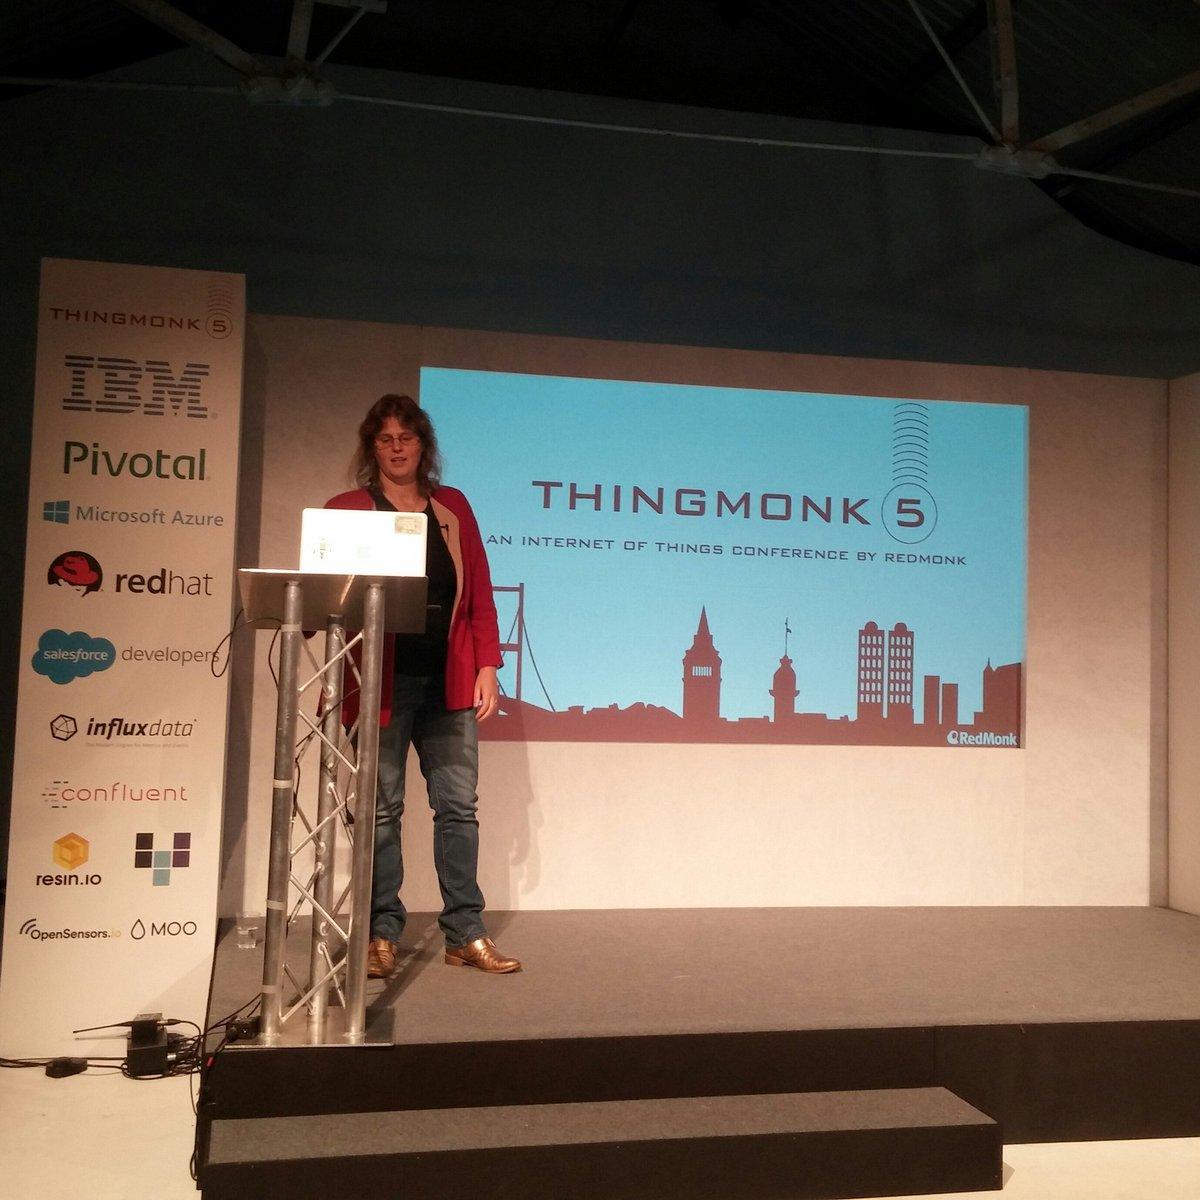 #thingmonk